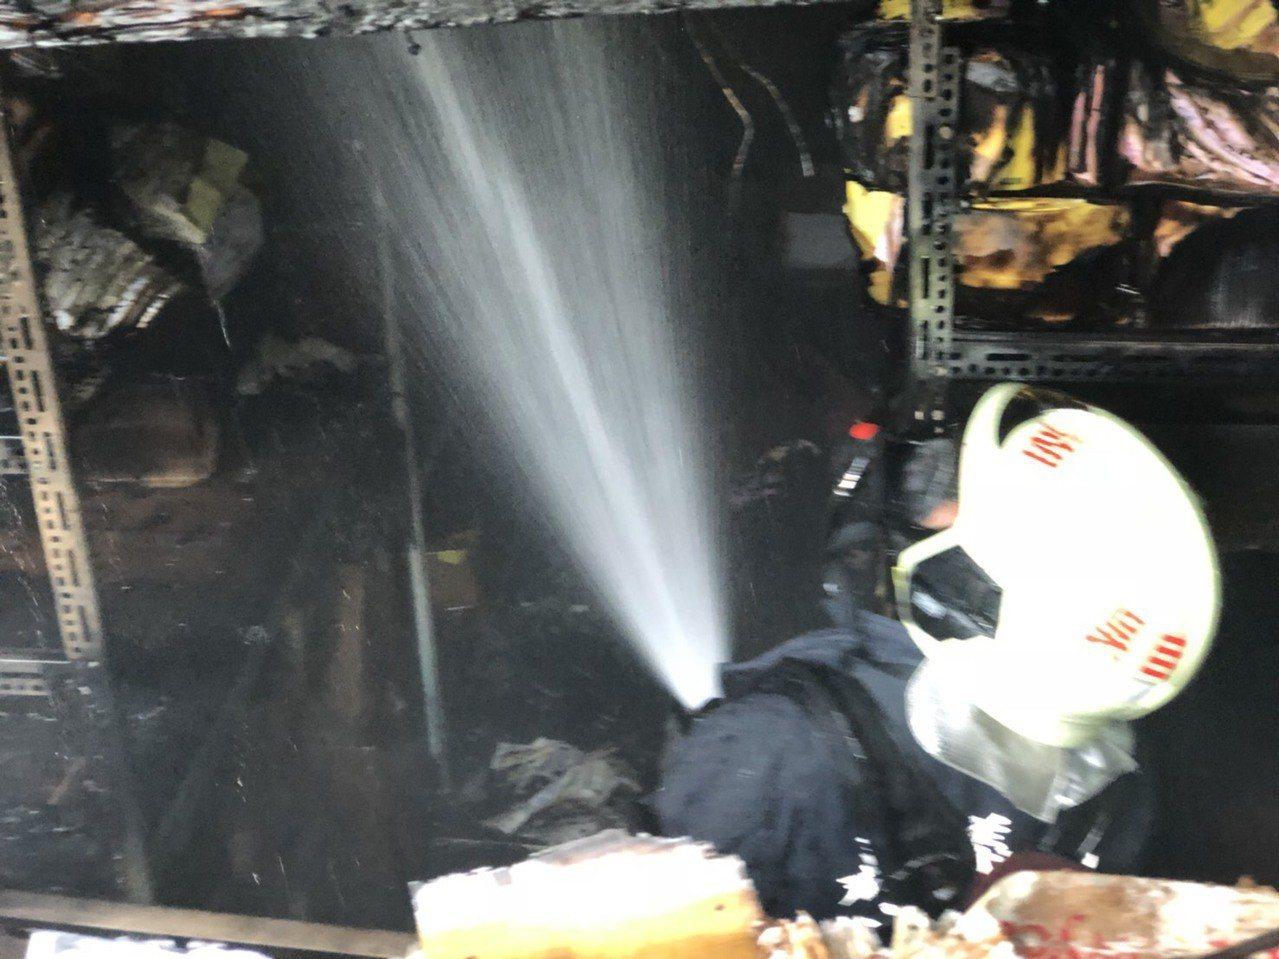 天主教聖馬爾定醫院民權院區檔案室冒煙起火,消防人員灌救。圖/讀者提供